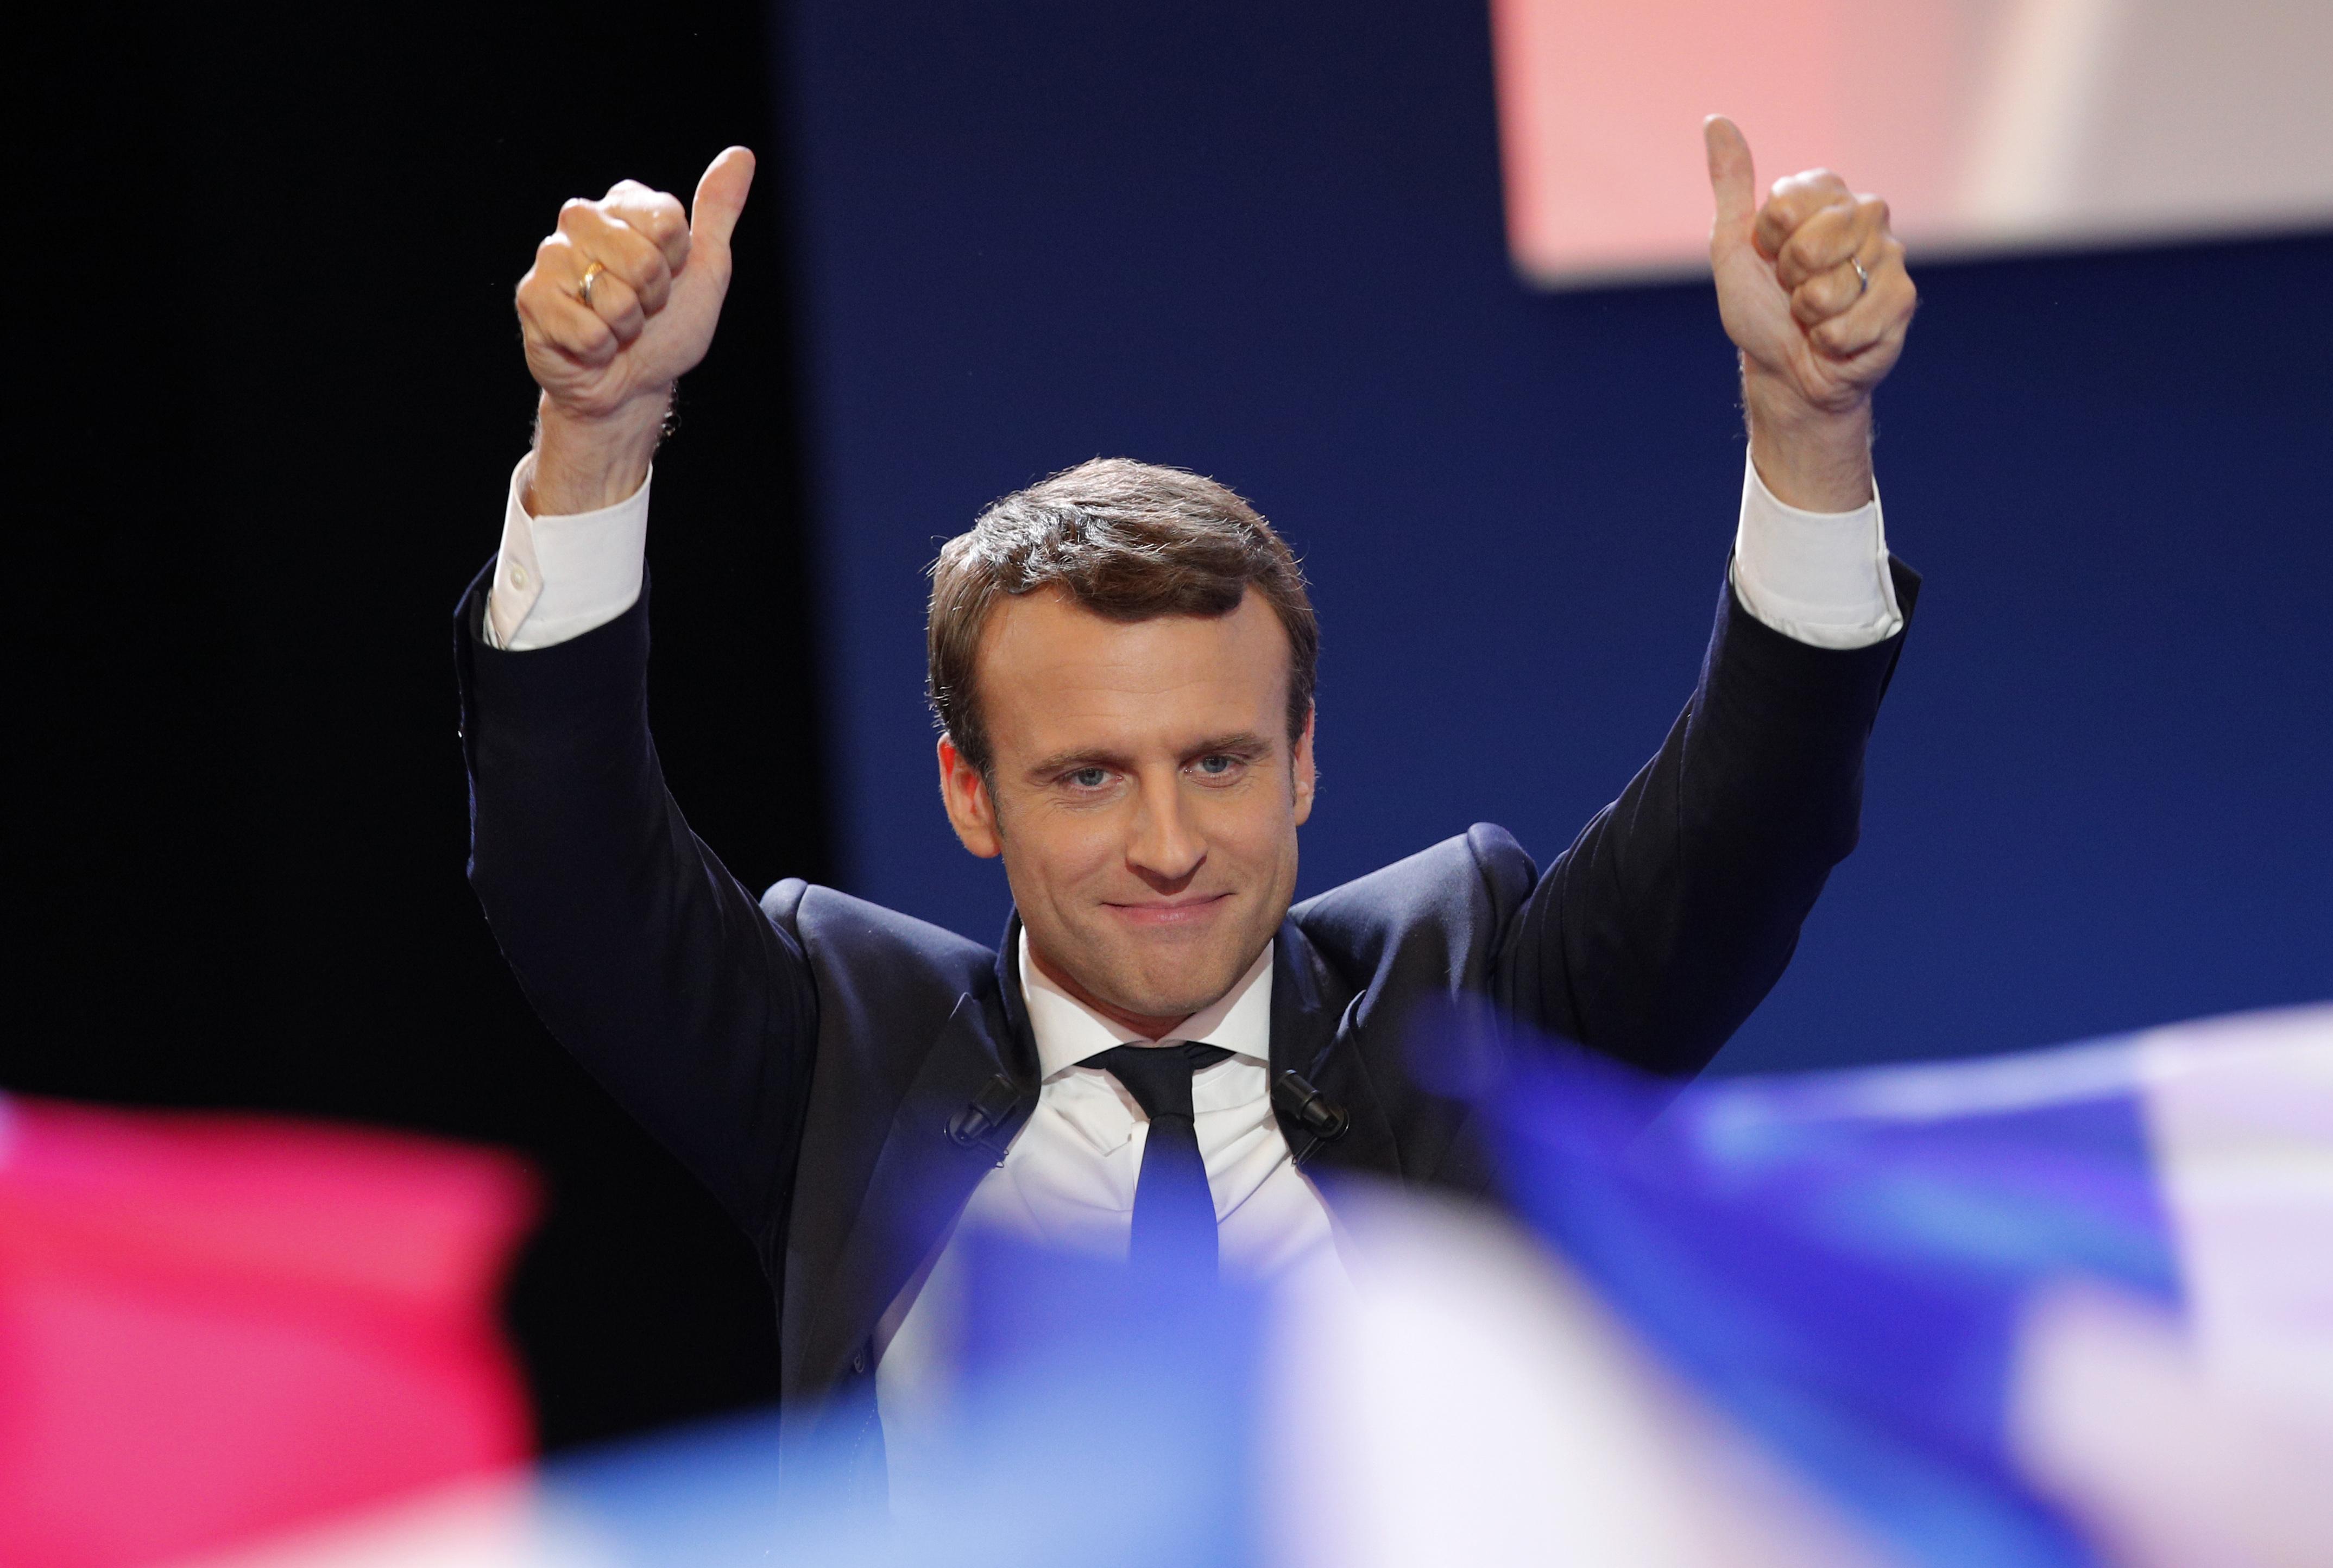 Emmanuel Macron vence la primera vuelta de las elecciones francesas